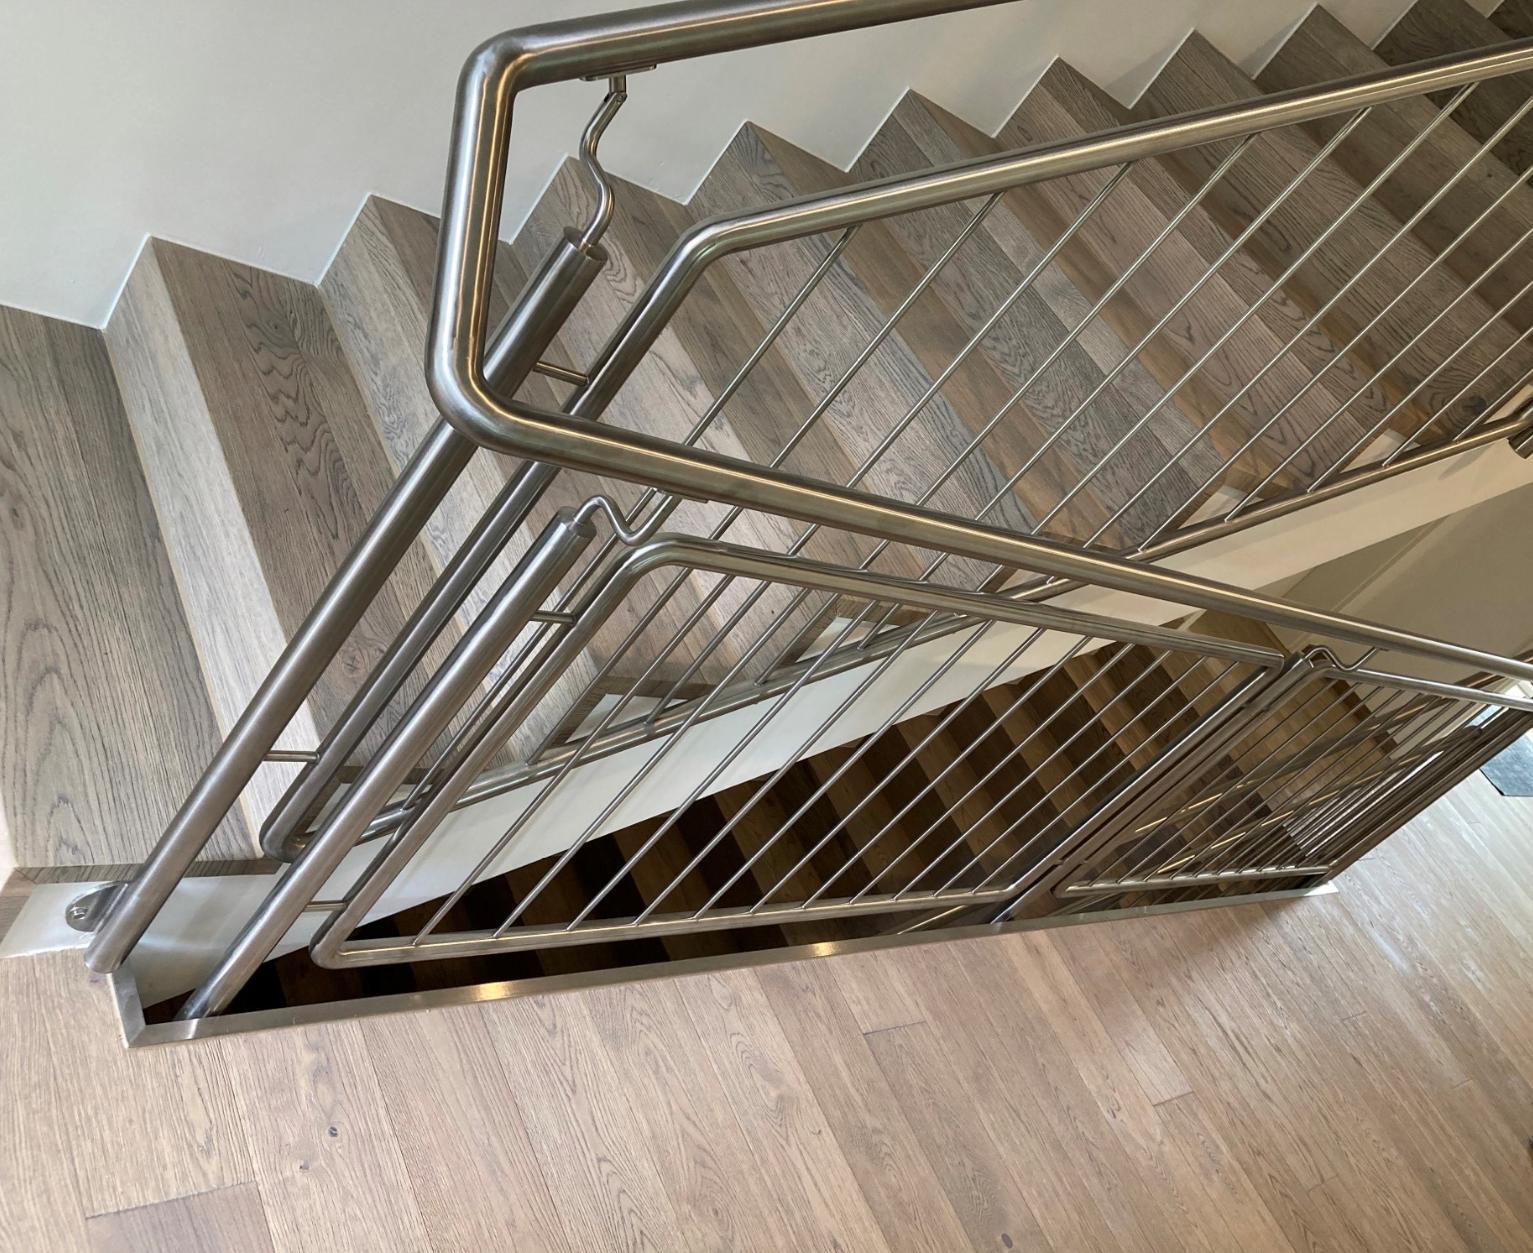 Falttreppe und Boden mit 3-Schicht